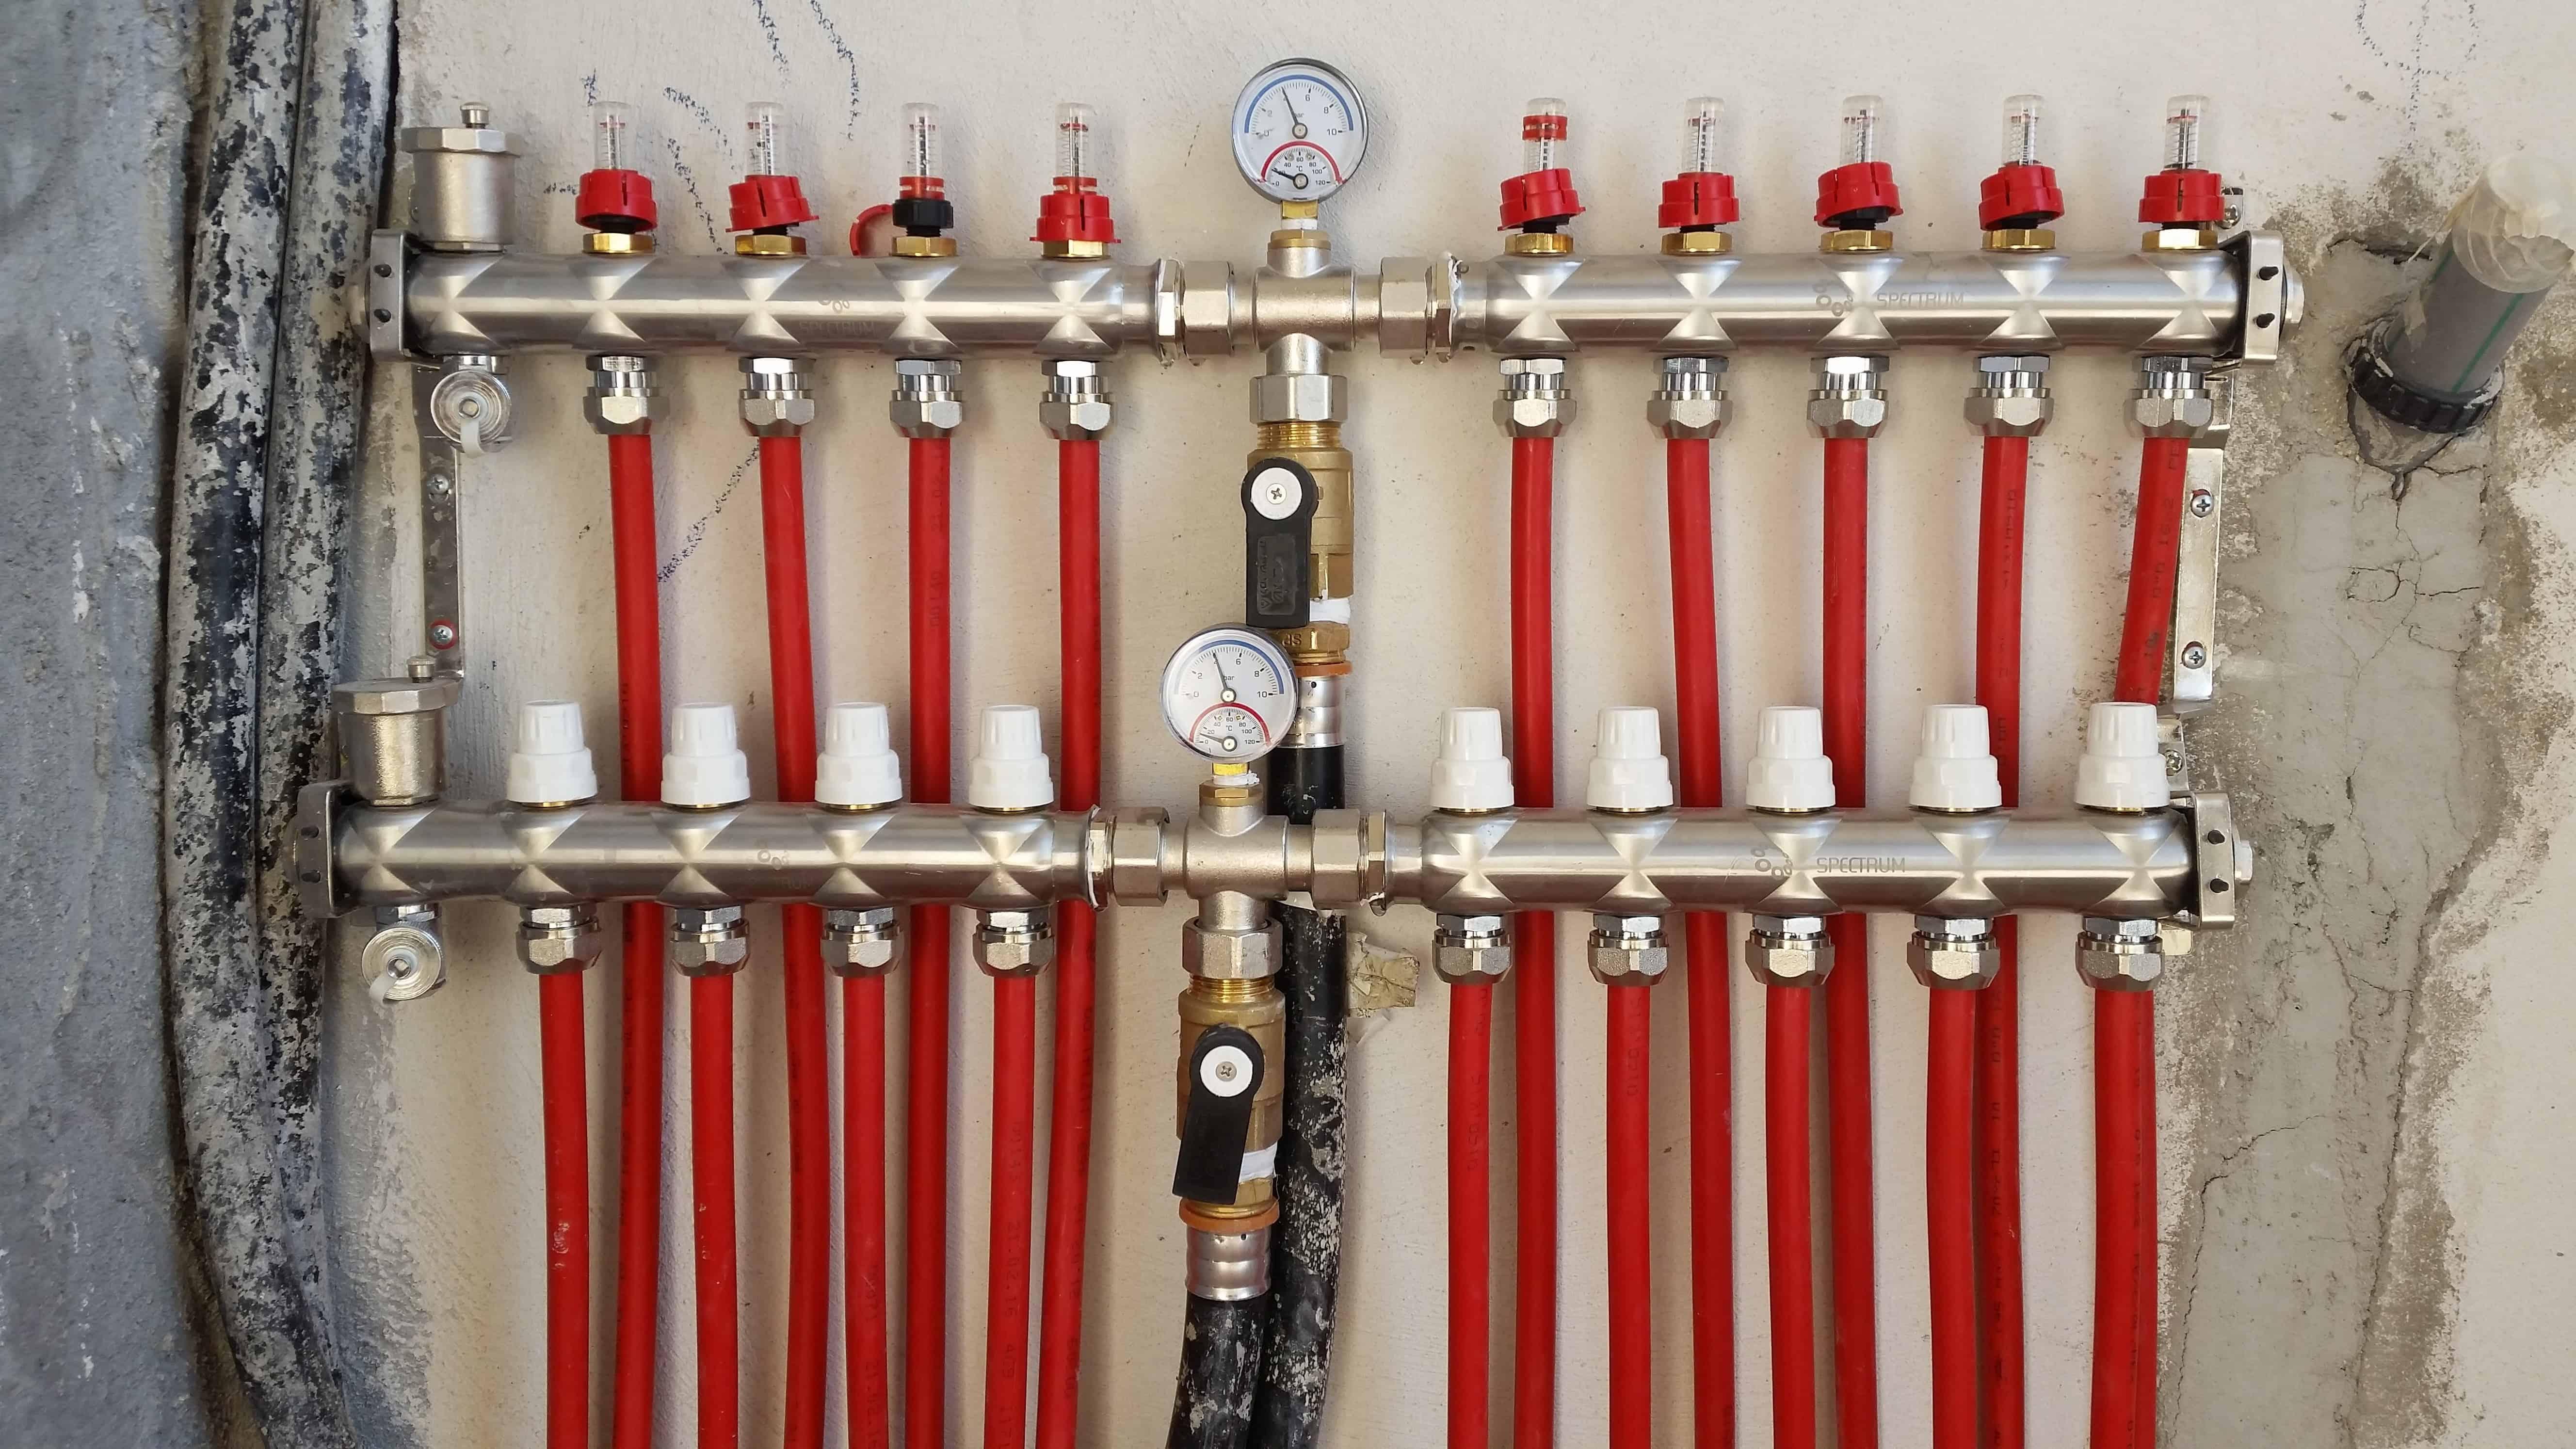 חימום תת רצפתי מים ספקטרום אנרגיה פתרונות חימום